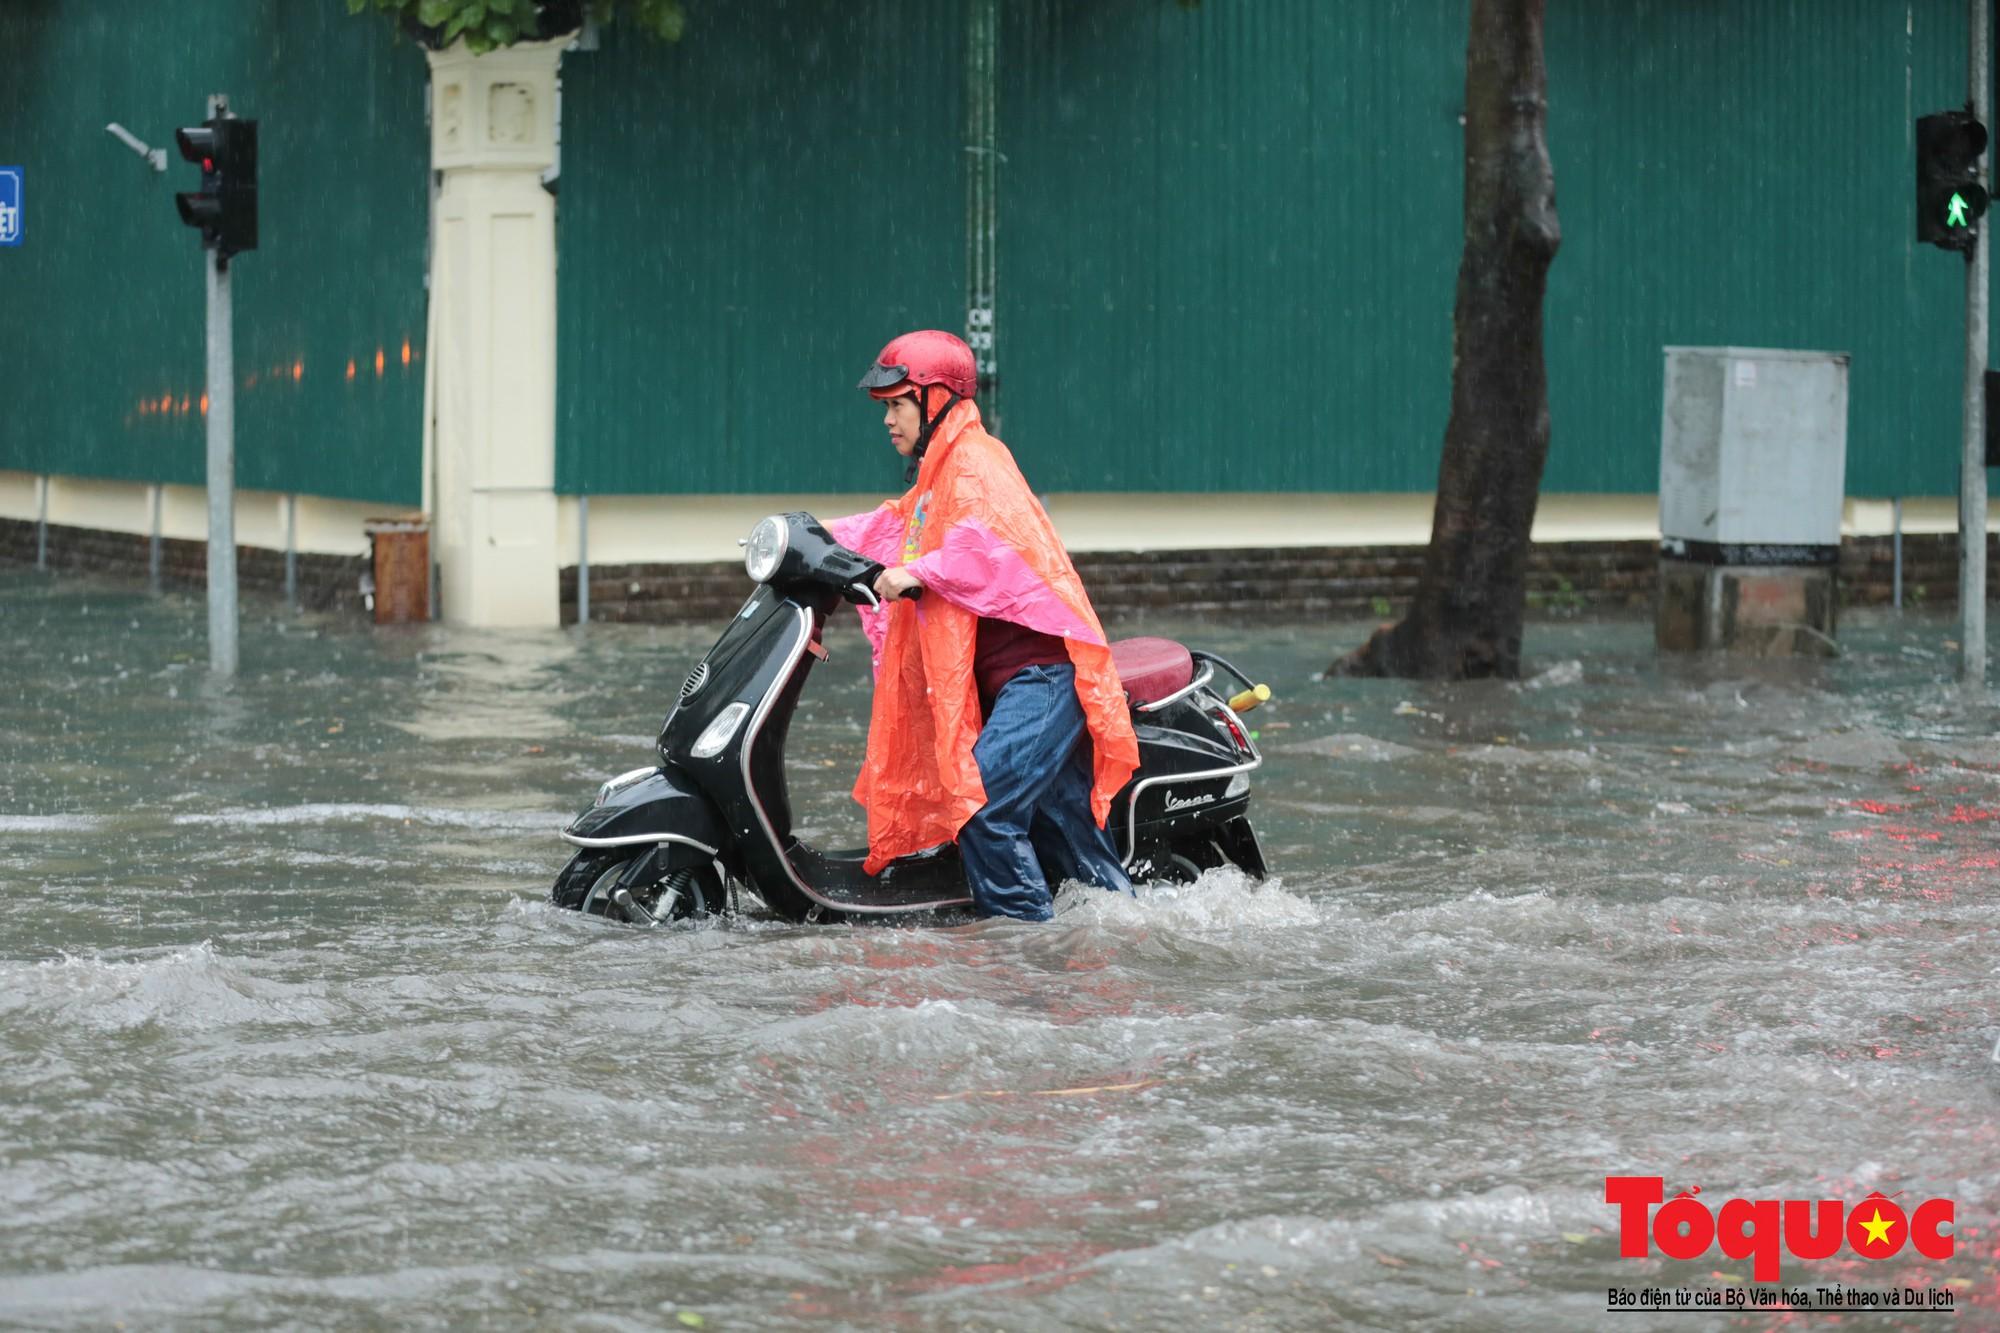 Hà Nội mưa lớn, xế hộp tập bơi qua tuyến phố ngâp nước (6)